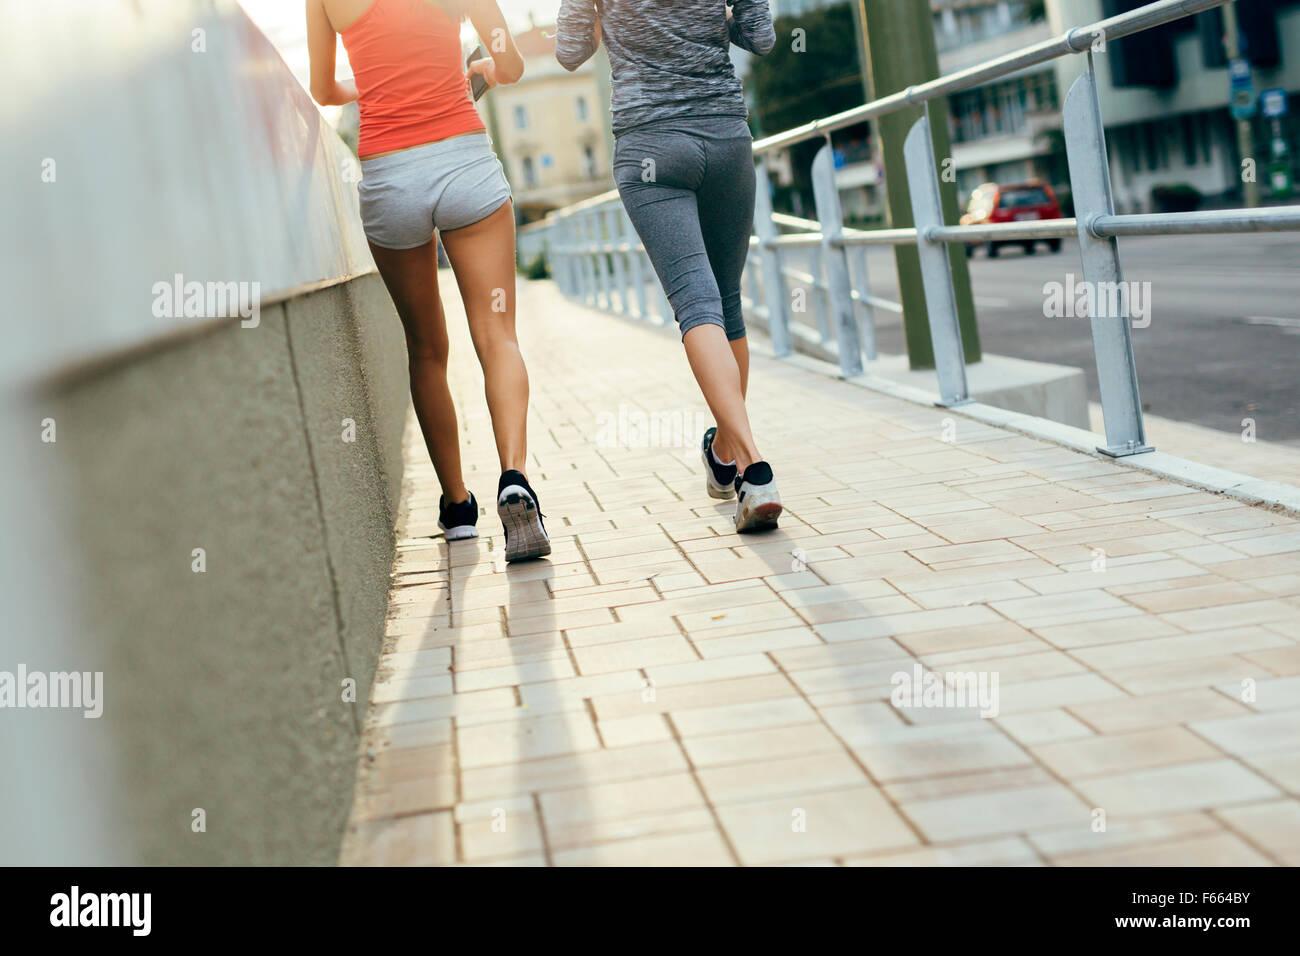 Zwei Frauen, die durch Joggen in der Stadt, während die Sonne untergeht Stockbild